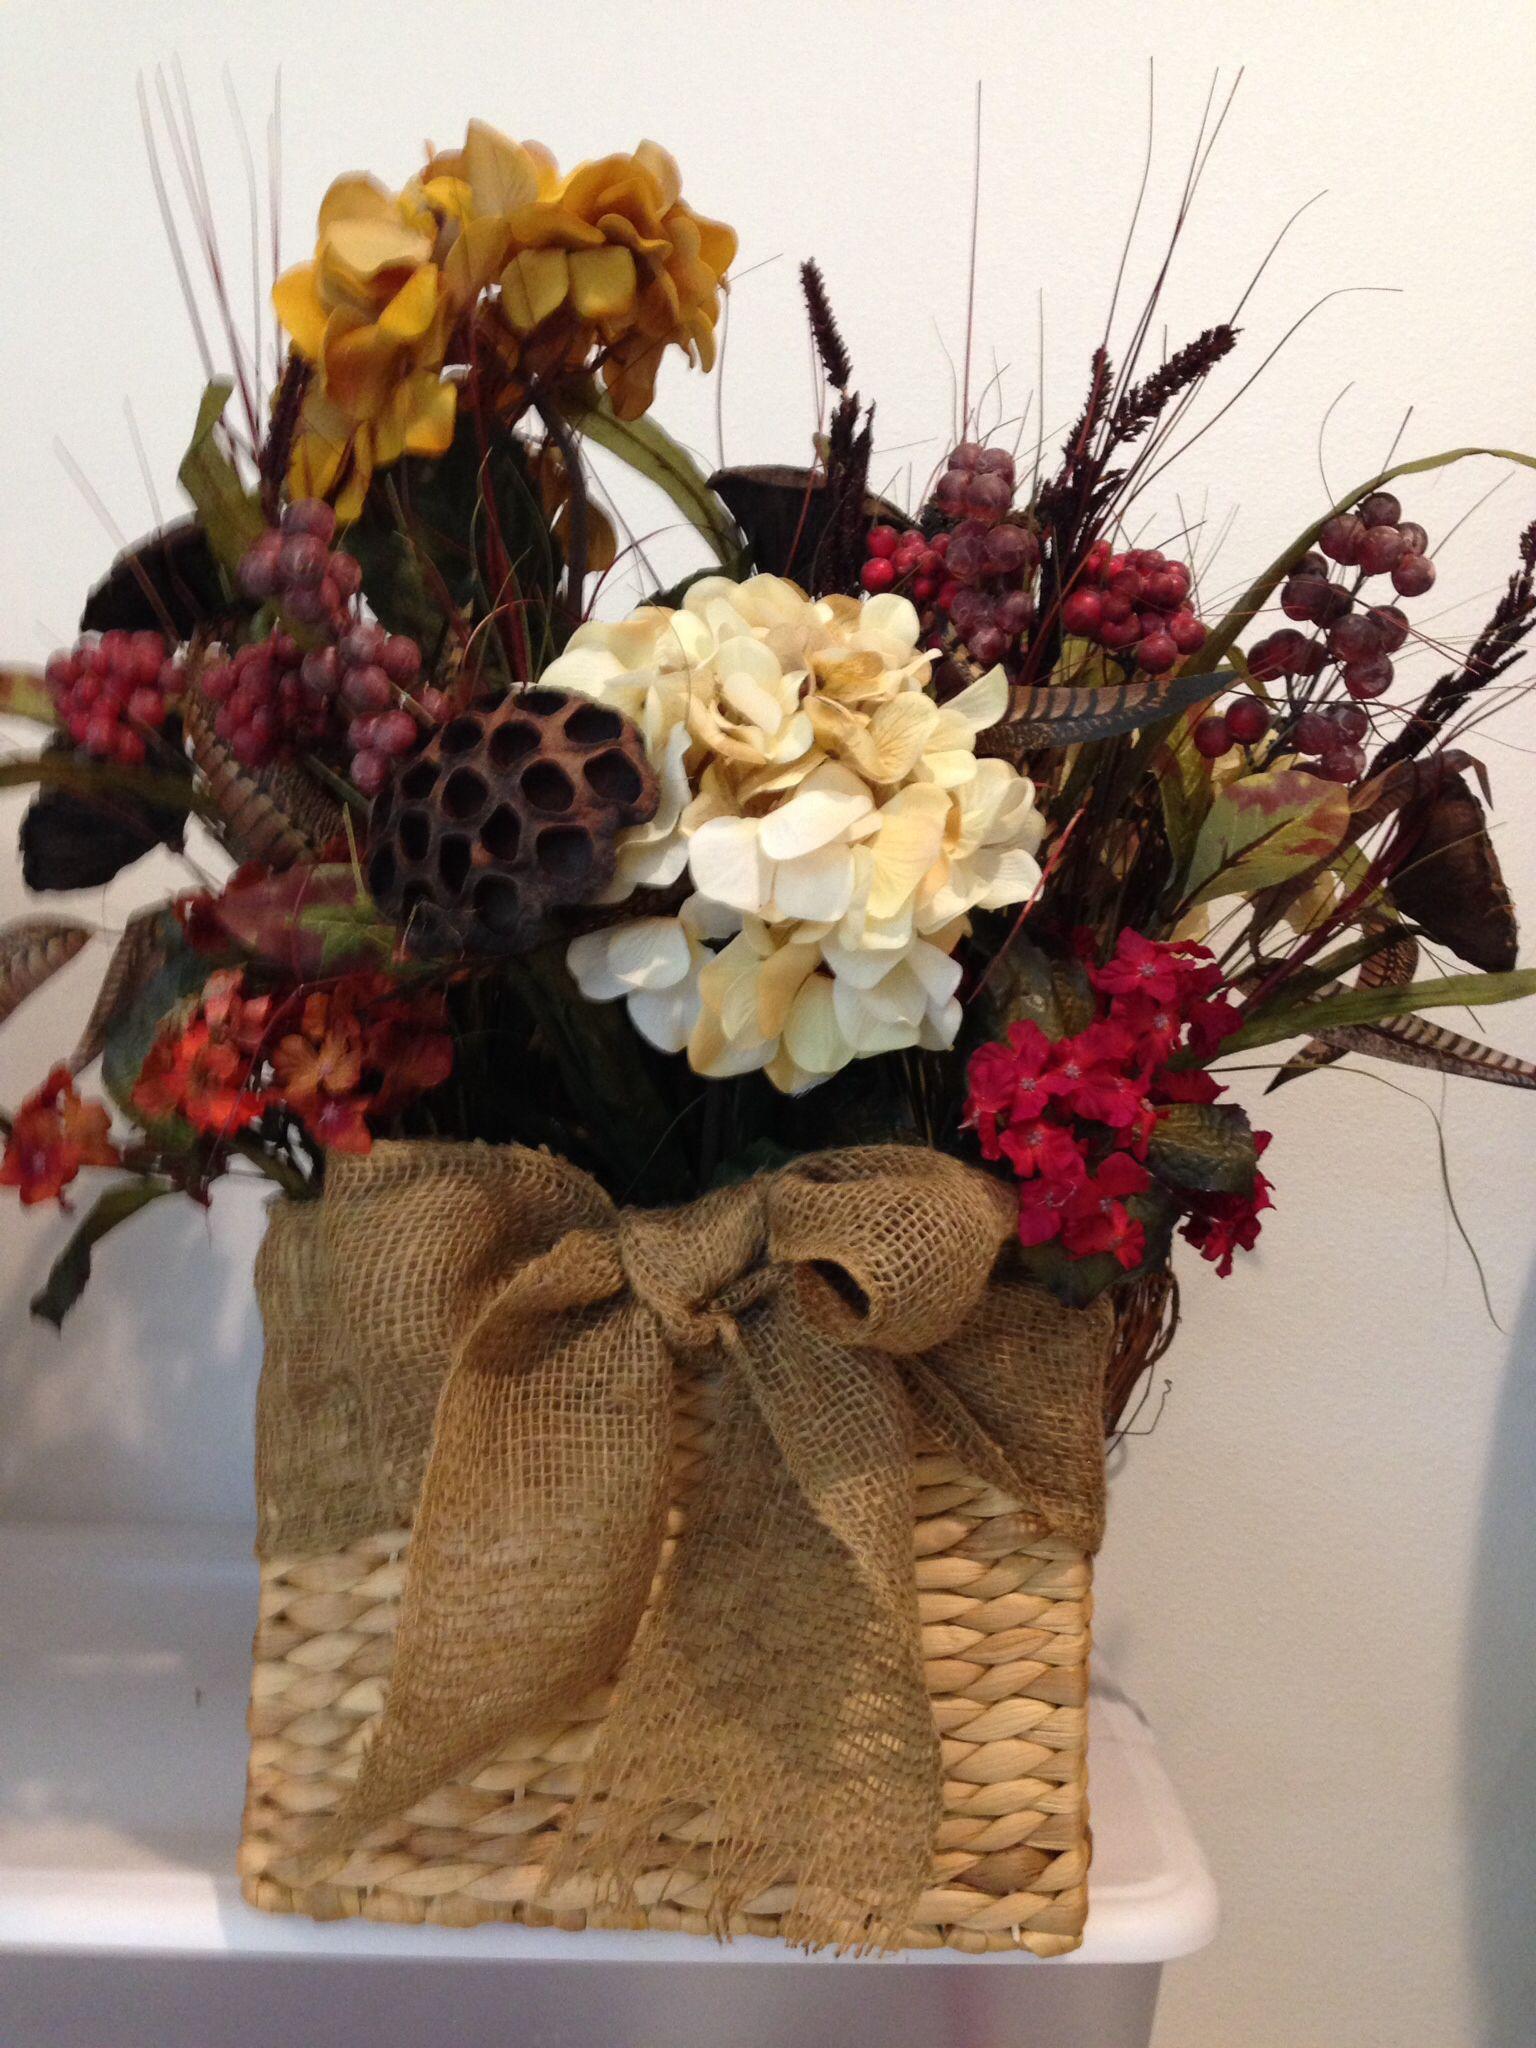 Harvest arrangement in square basket.